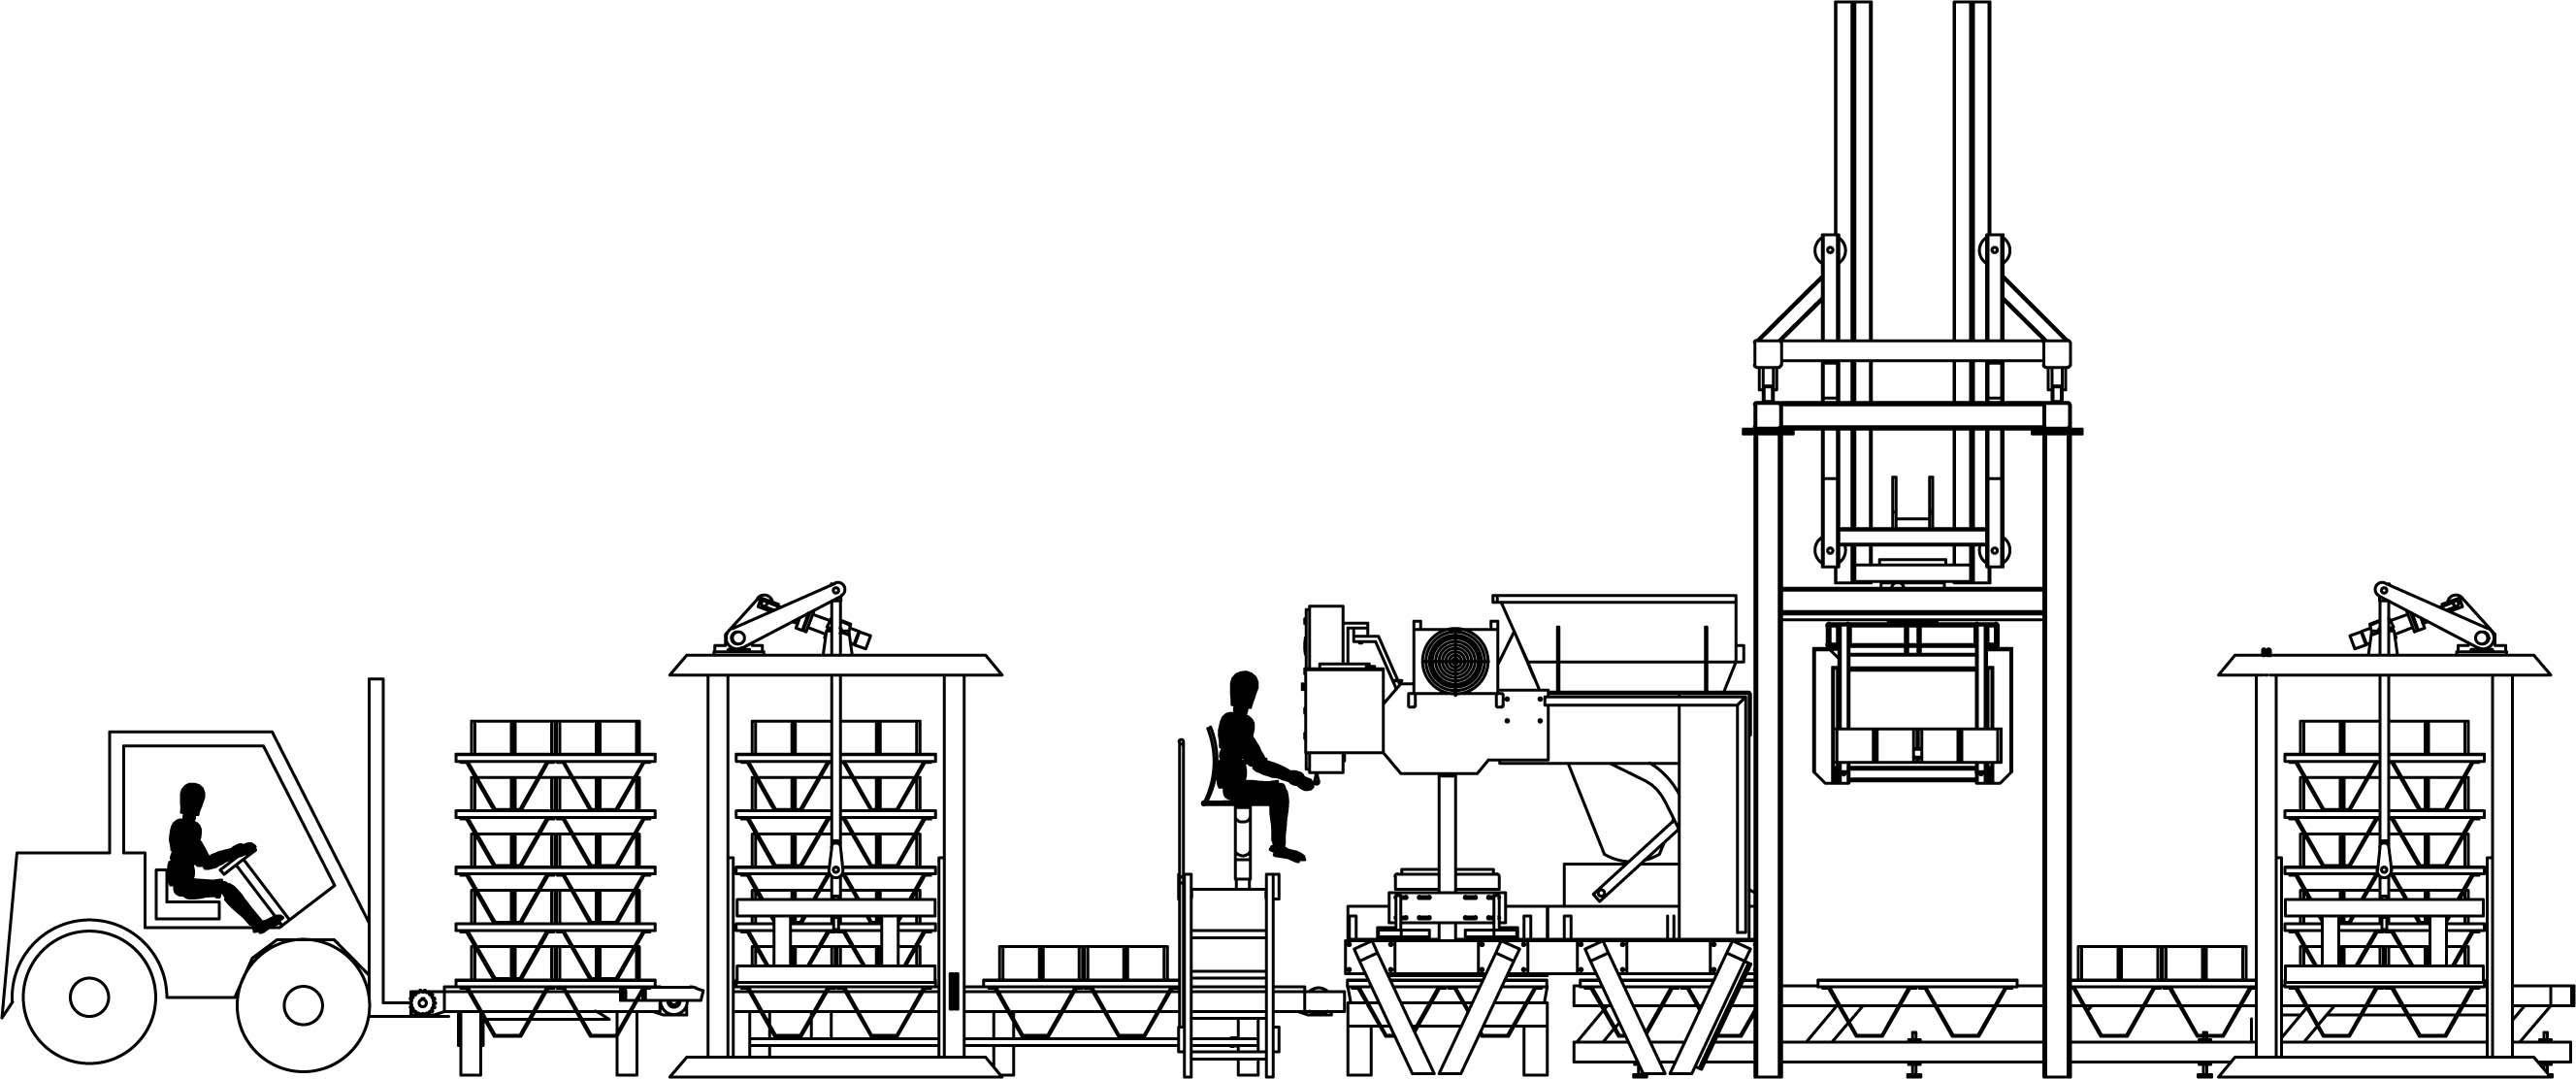 تکنوبلوک - سازنده ماشین آلات تولید قطعات بتنی ( بلوک، سنگفرش، جدول )سازنده ماشین آلات تولید قطعات بتنی ( بلوک، سنگفرش، جدول )